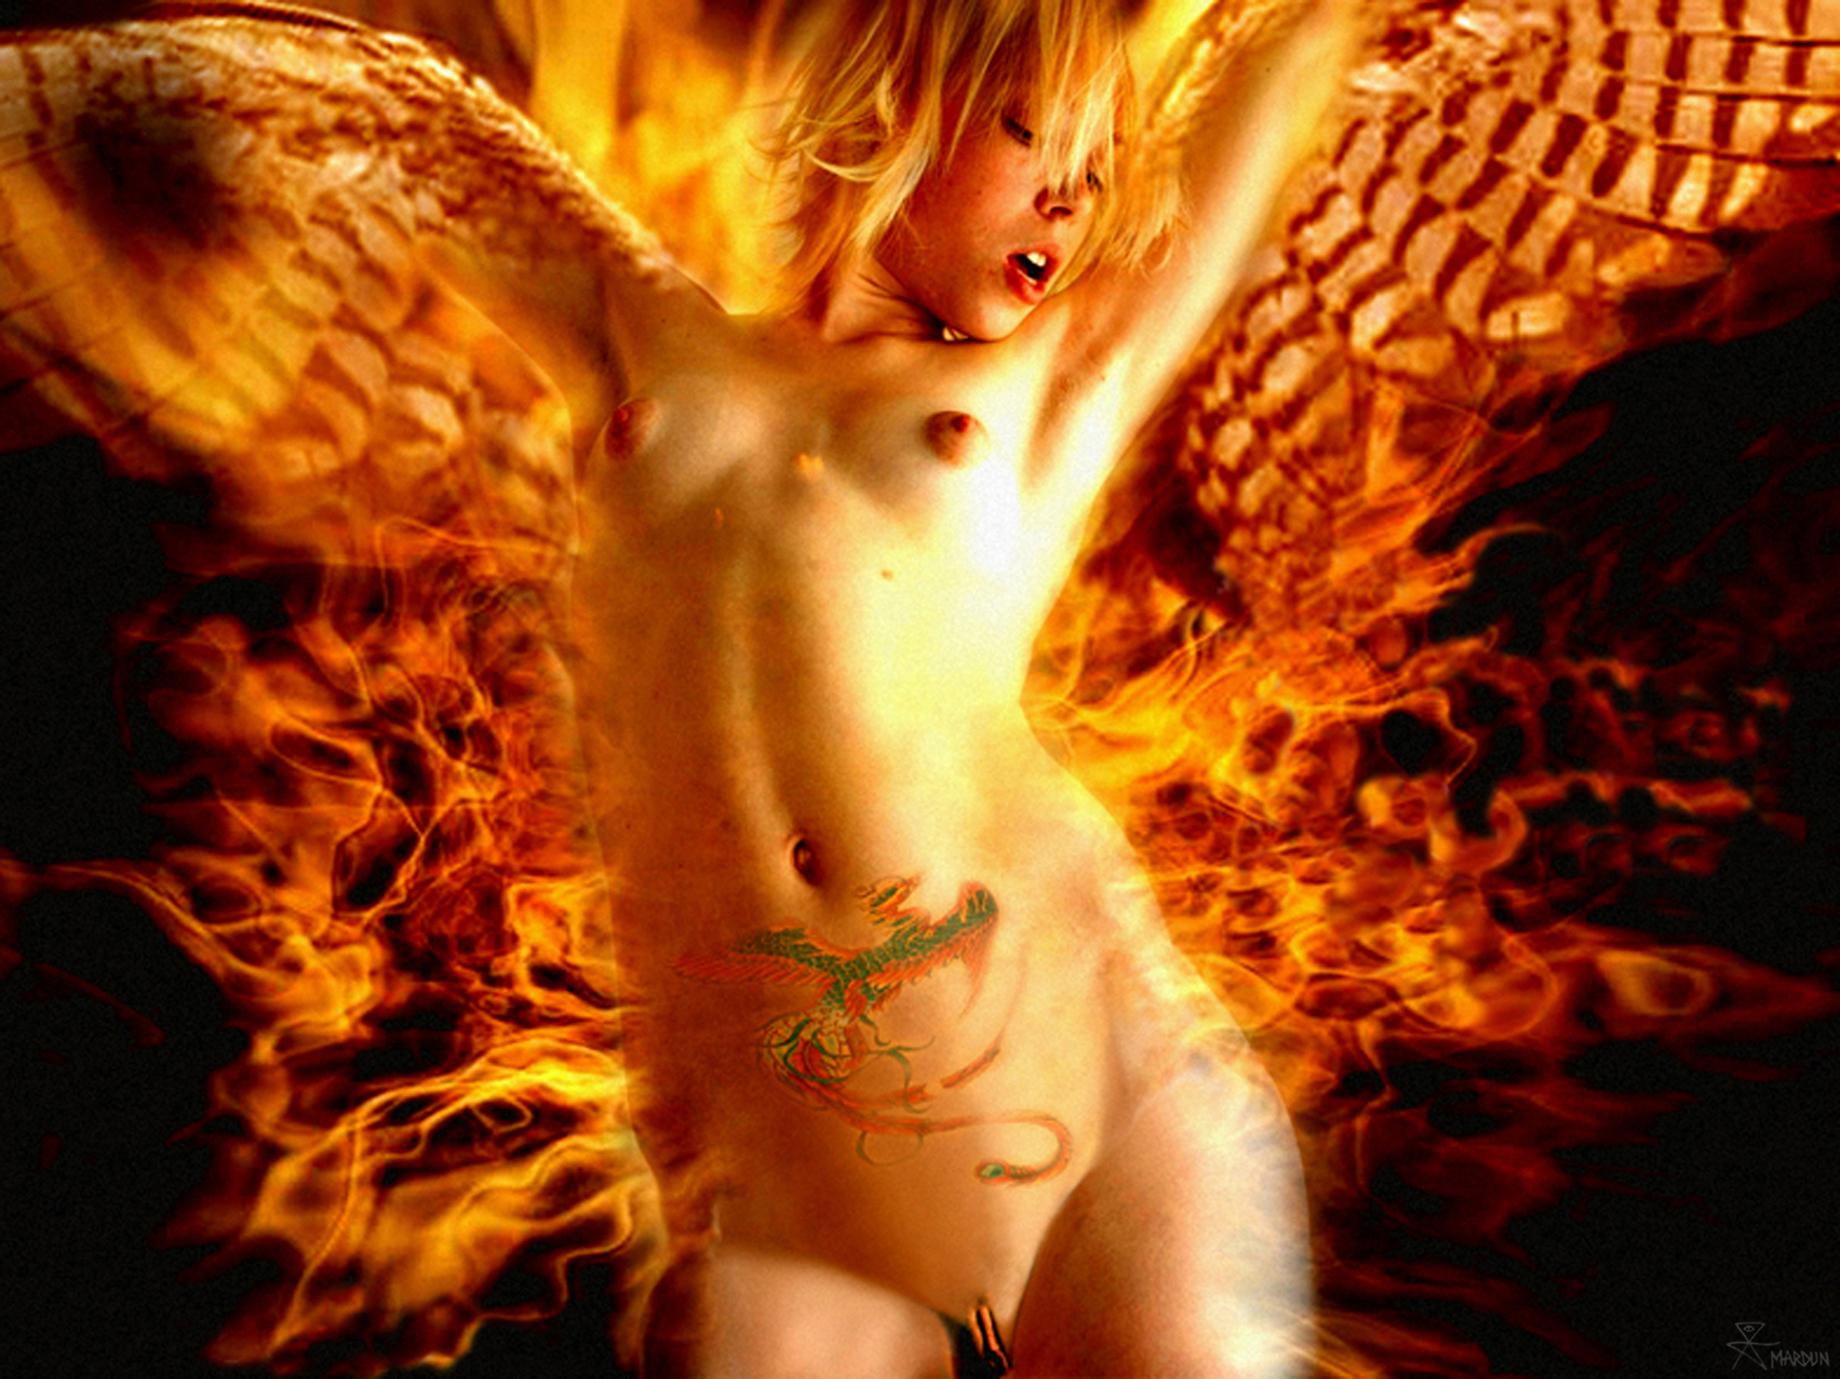 Your Dreams Phoenix Girl Of